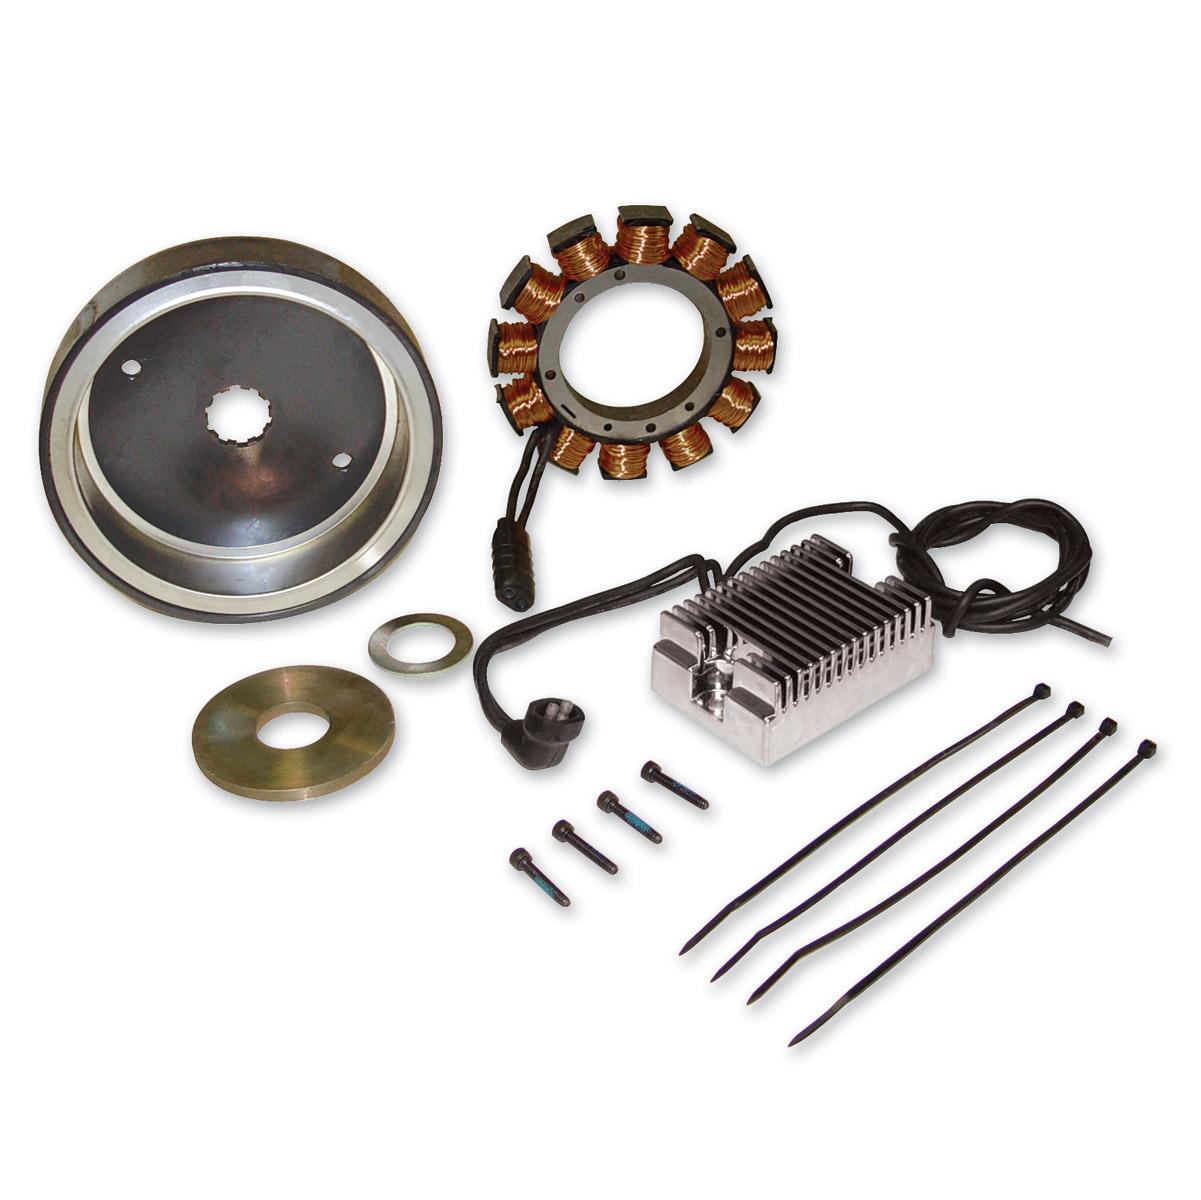 32-Amp Charging Kit